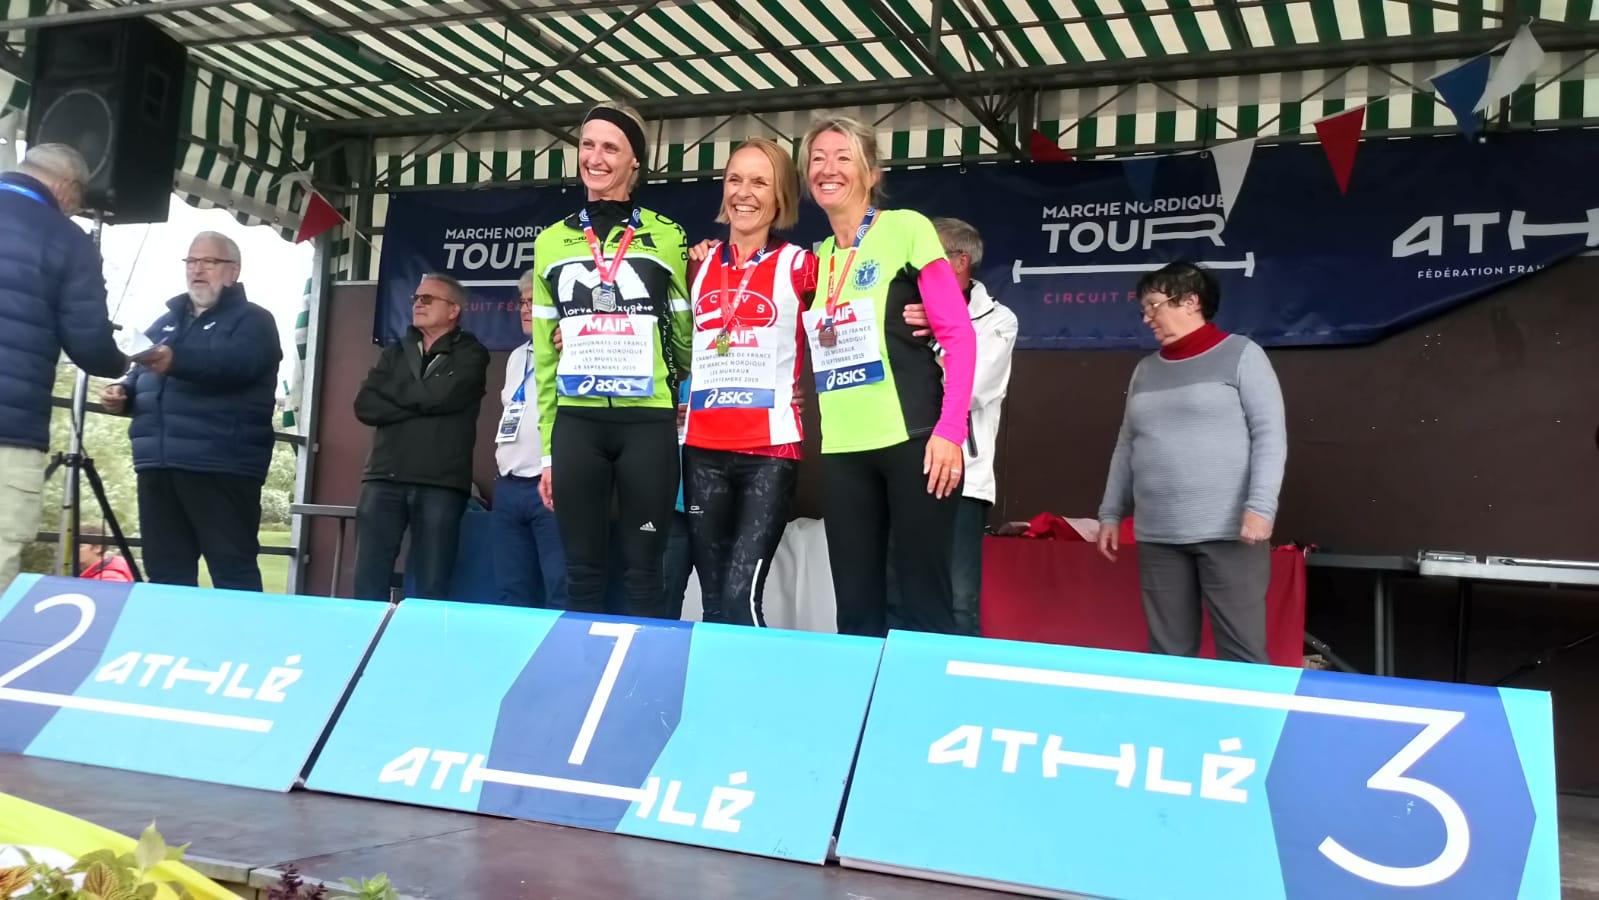 Élisabeth Valette Championne de France Master de Marche Nordique